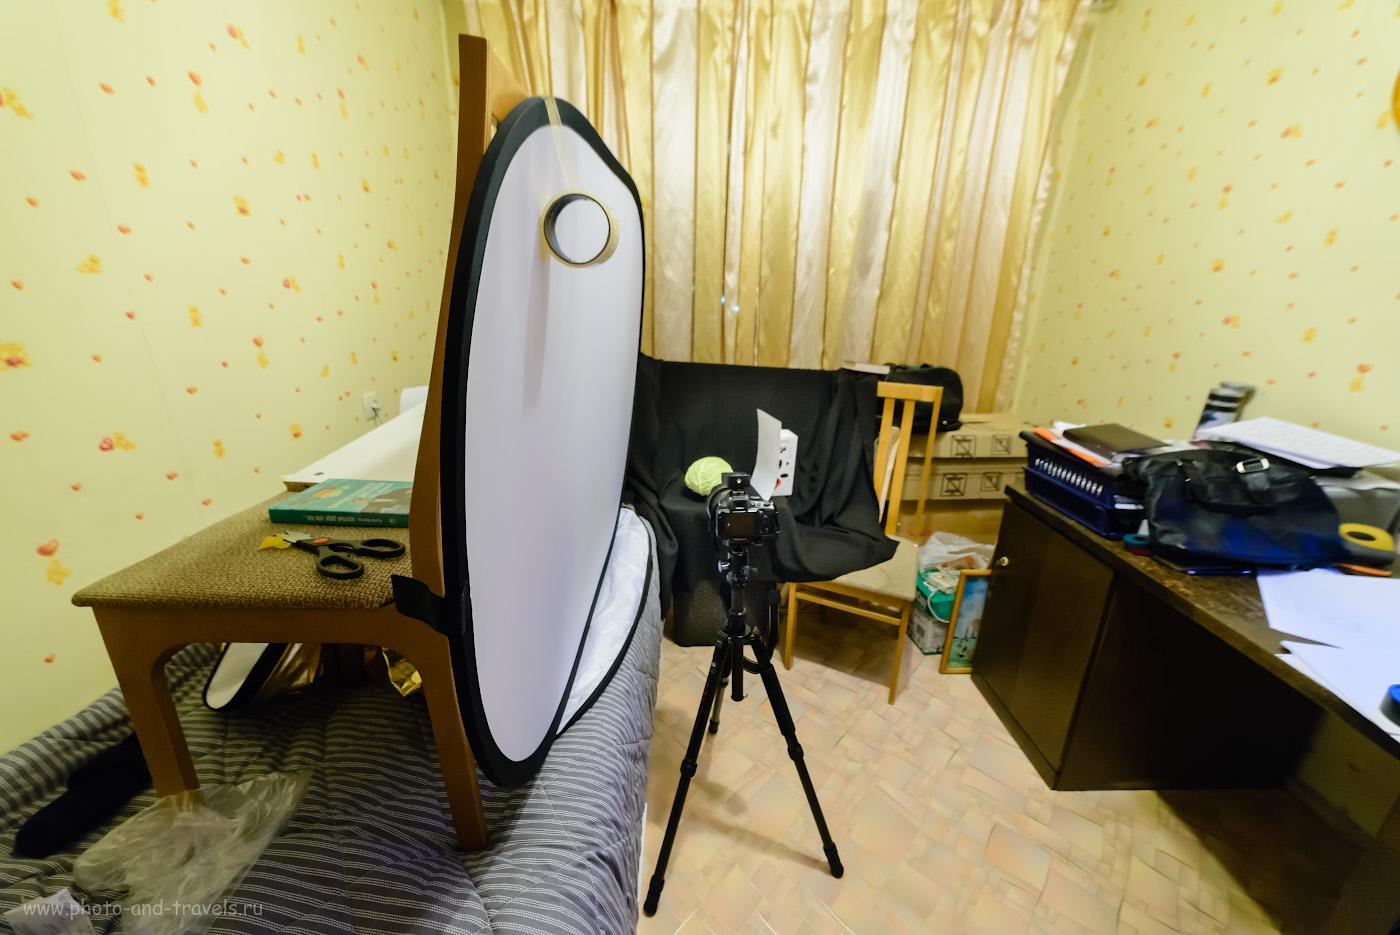 Фото 8. Софтбокс для съемки овощей в домашней студии, сделанный своими руками. Снята эта иллюстрация при свете энергосберегающих ламп на Никон Д610 + Самъянг 14/2.8. Настройки: 1/30, 5.6, 500, 14.